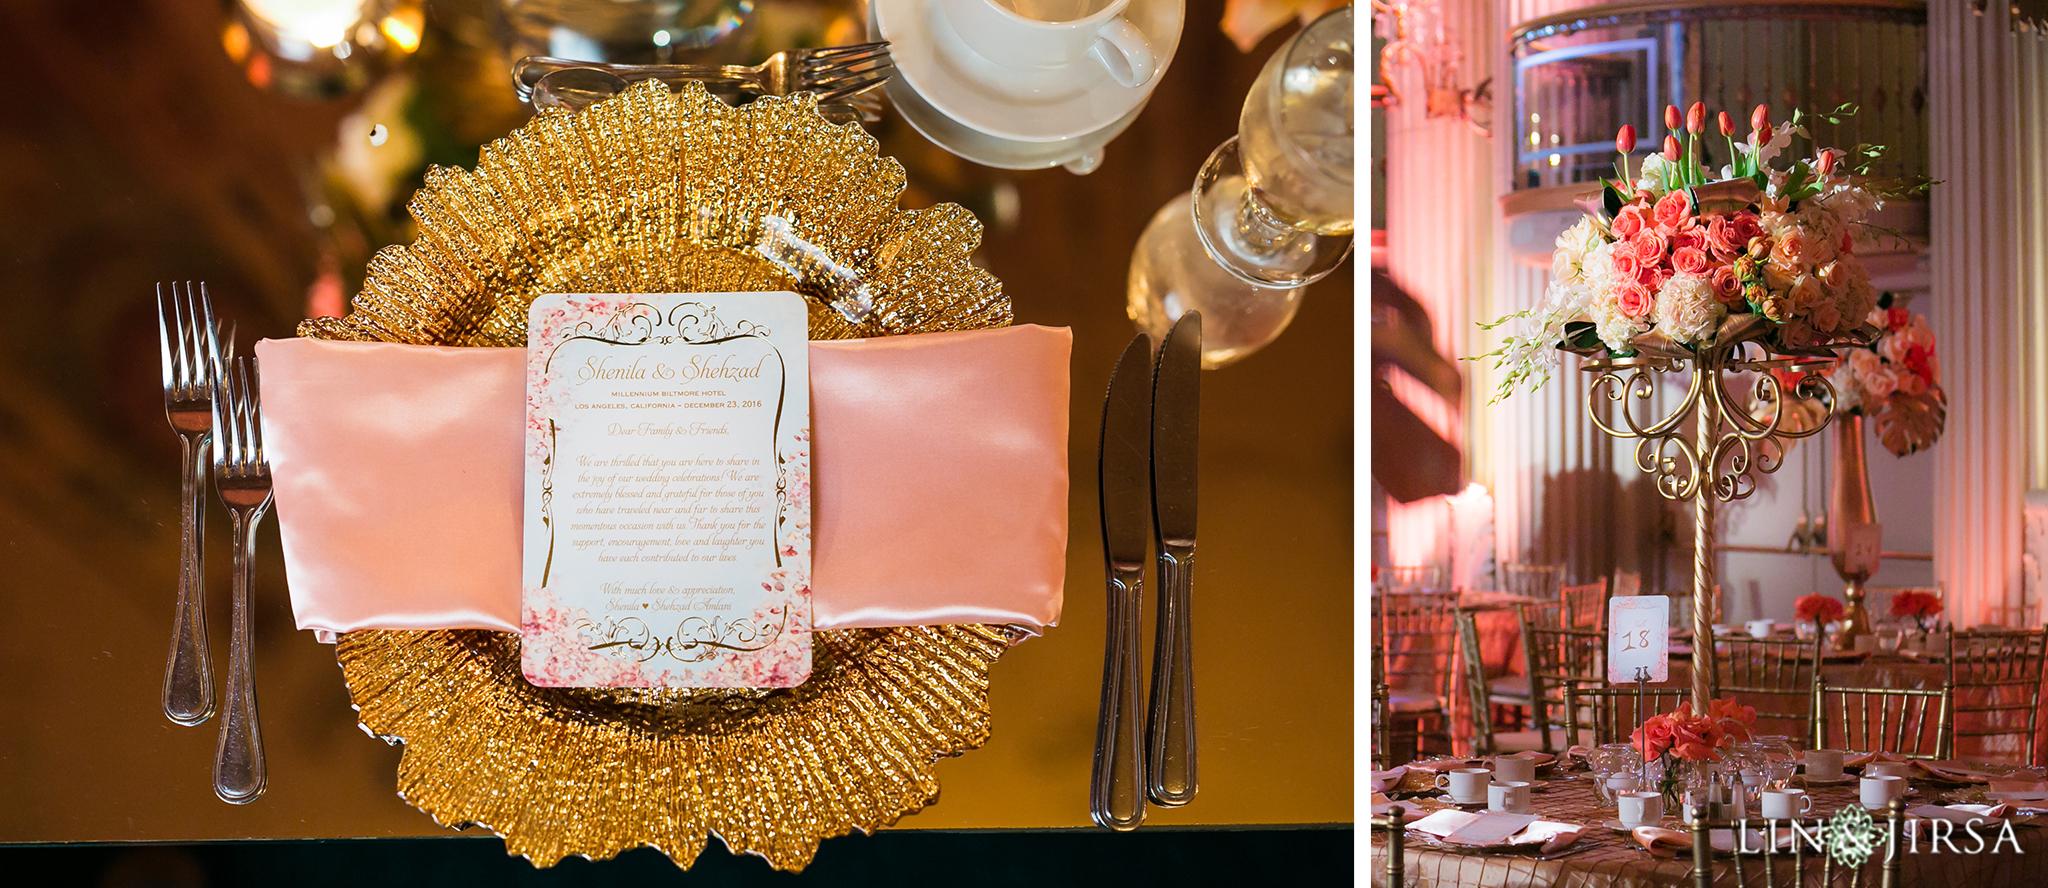 14-biltmore-hotel-los-angeles-wedding-reception-photography